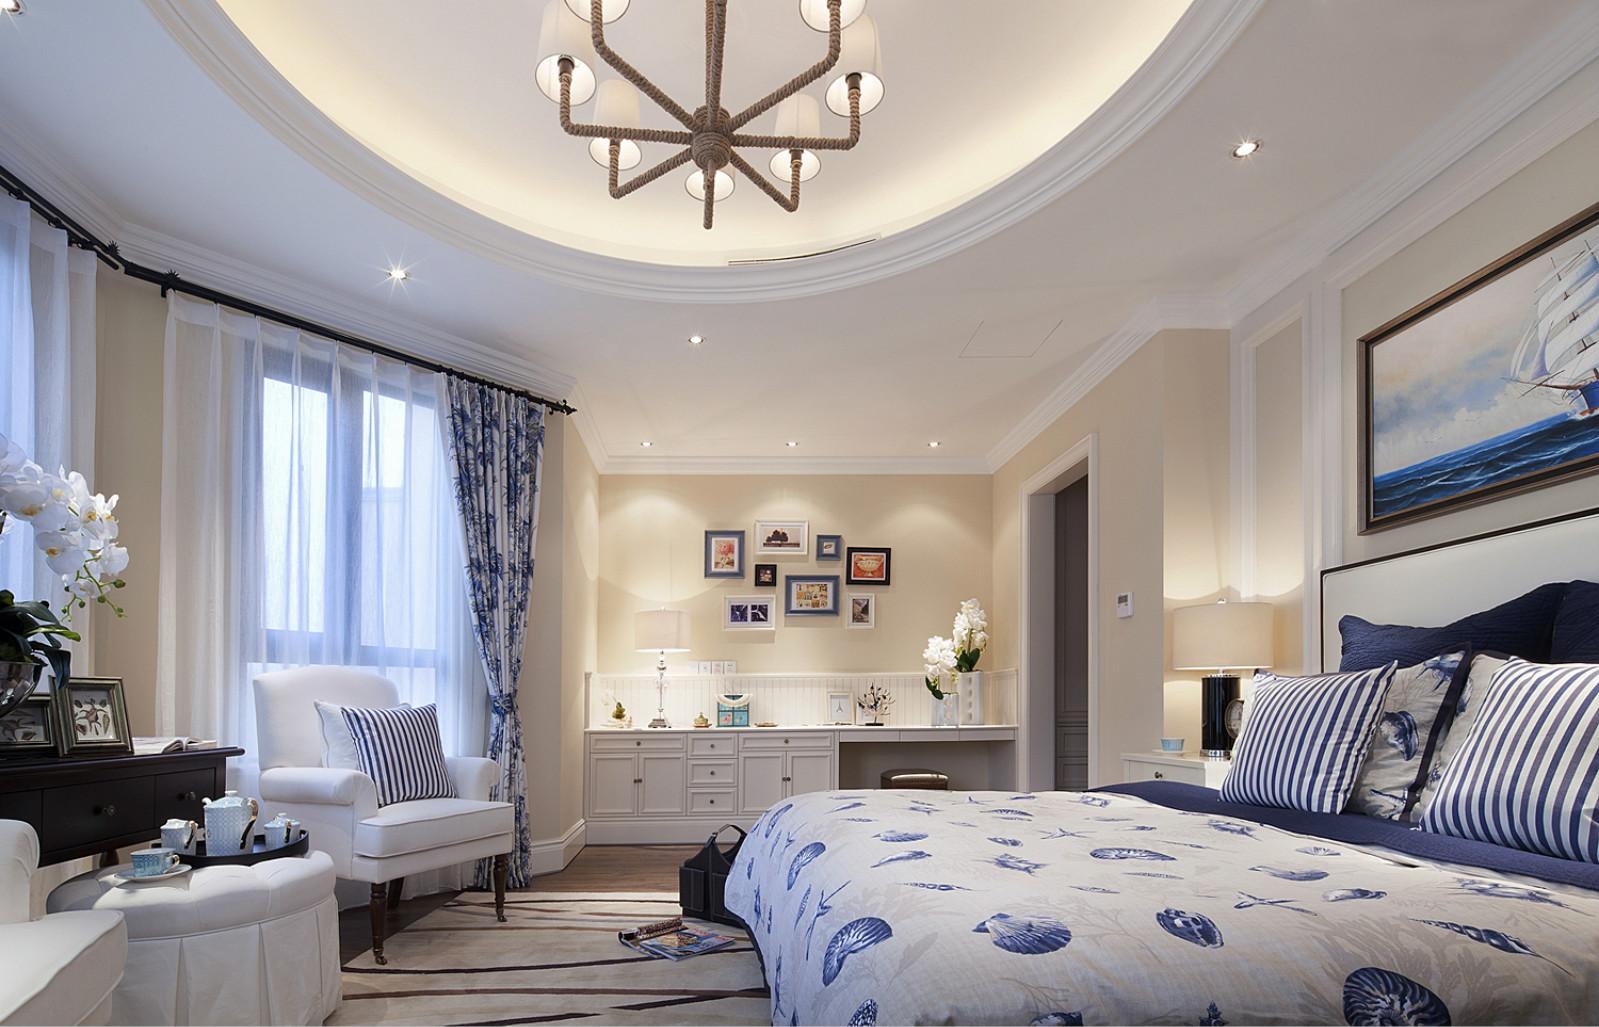 主卧设计的充满欧式优雅、浪漫,独具的生活情调让人舒心安逸,带来更加舒适的享受。